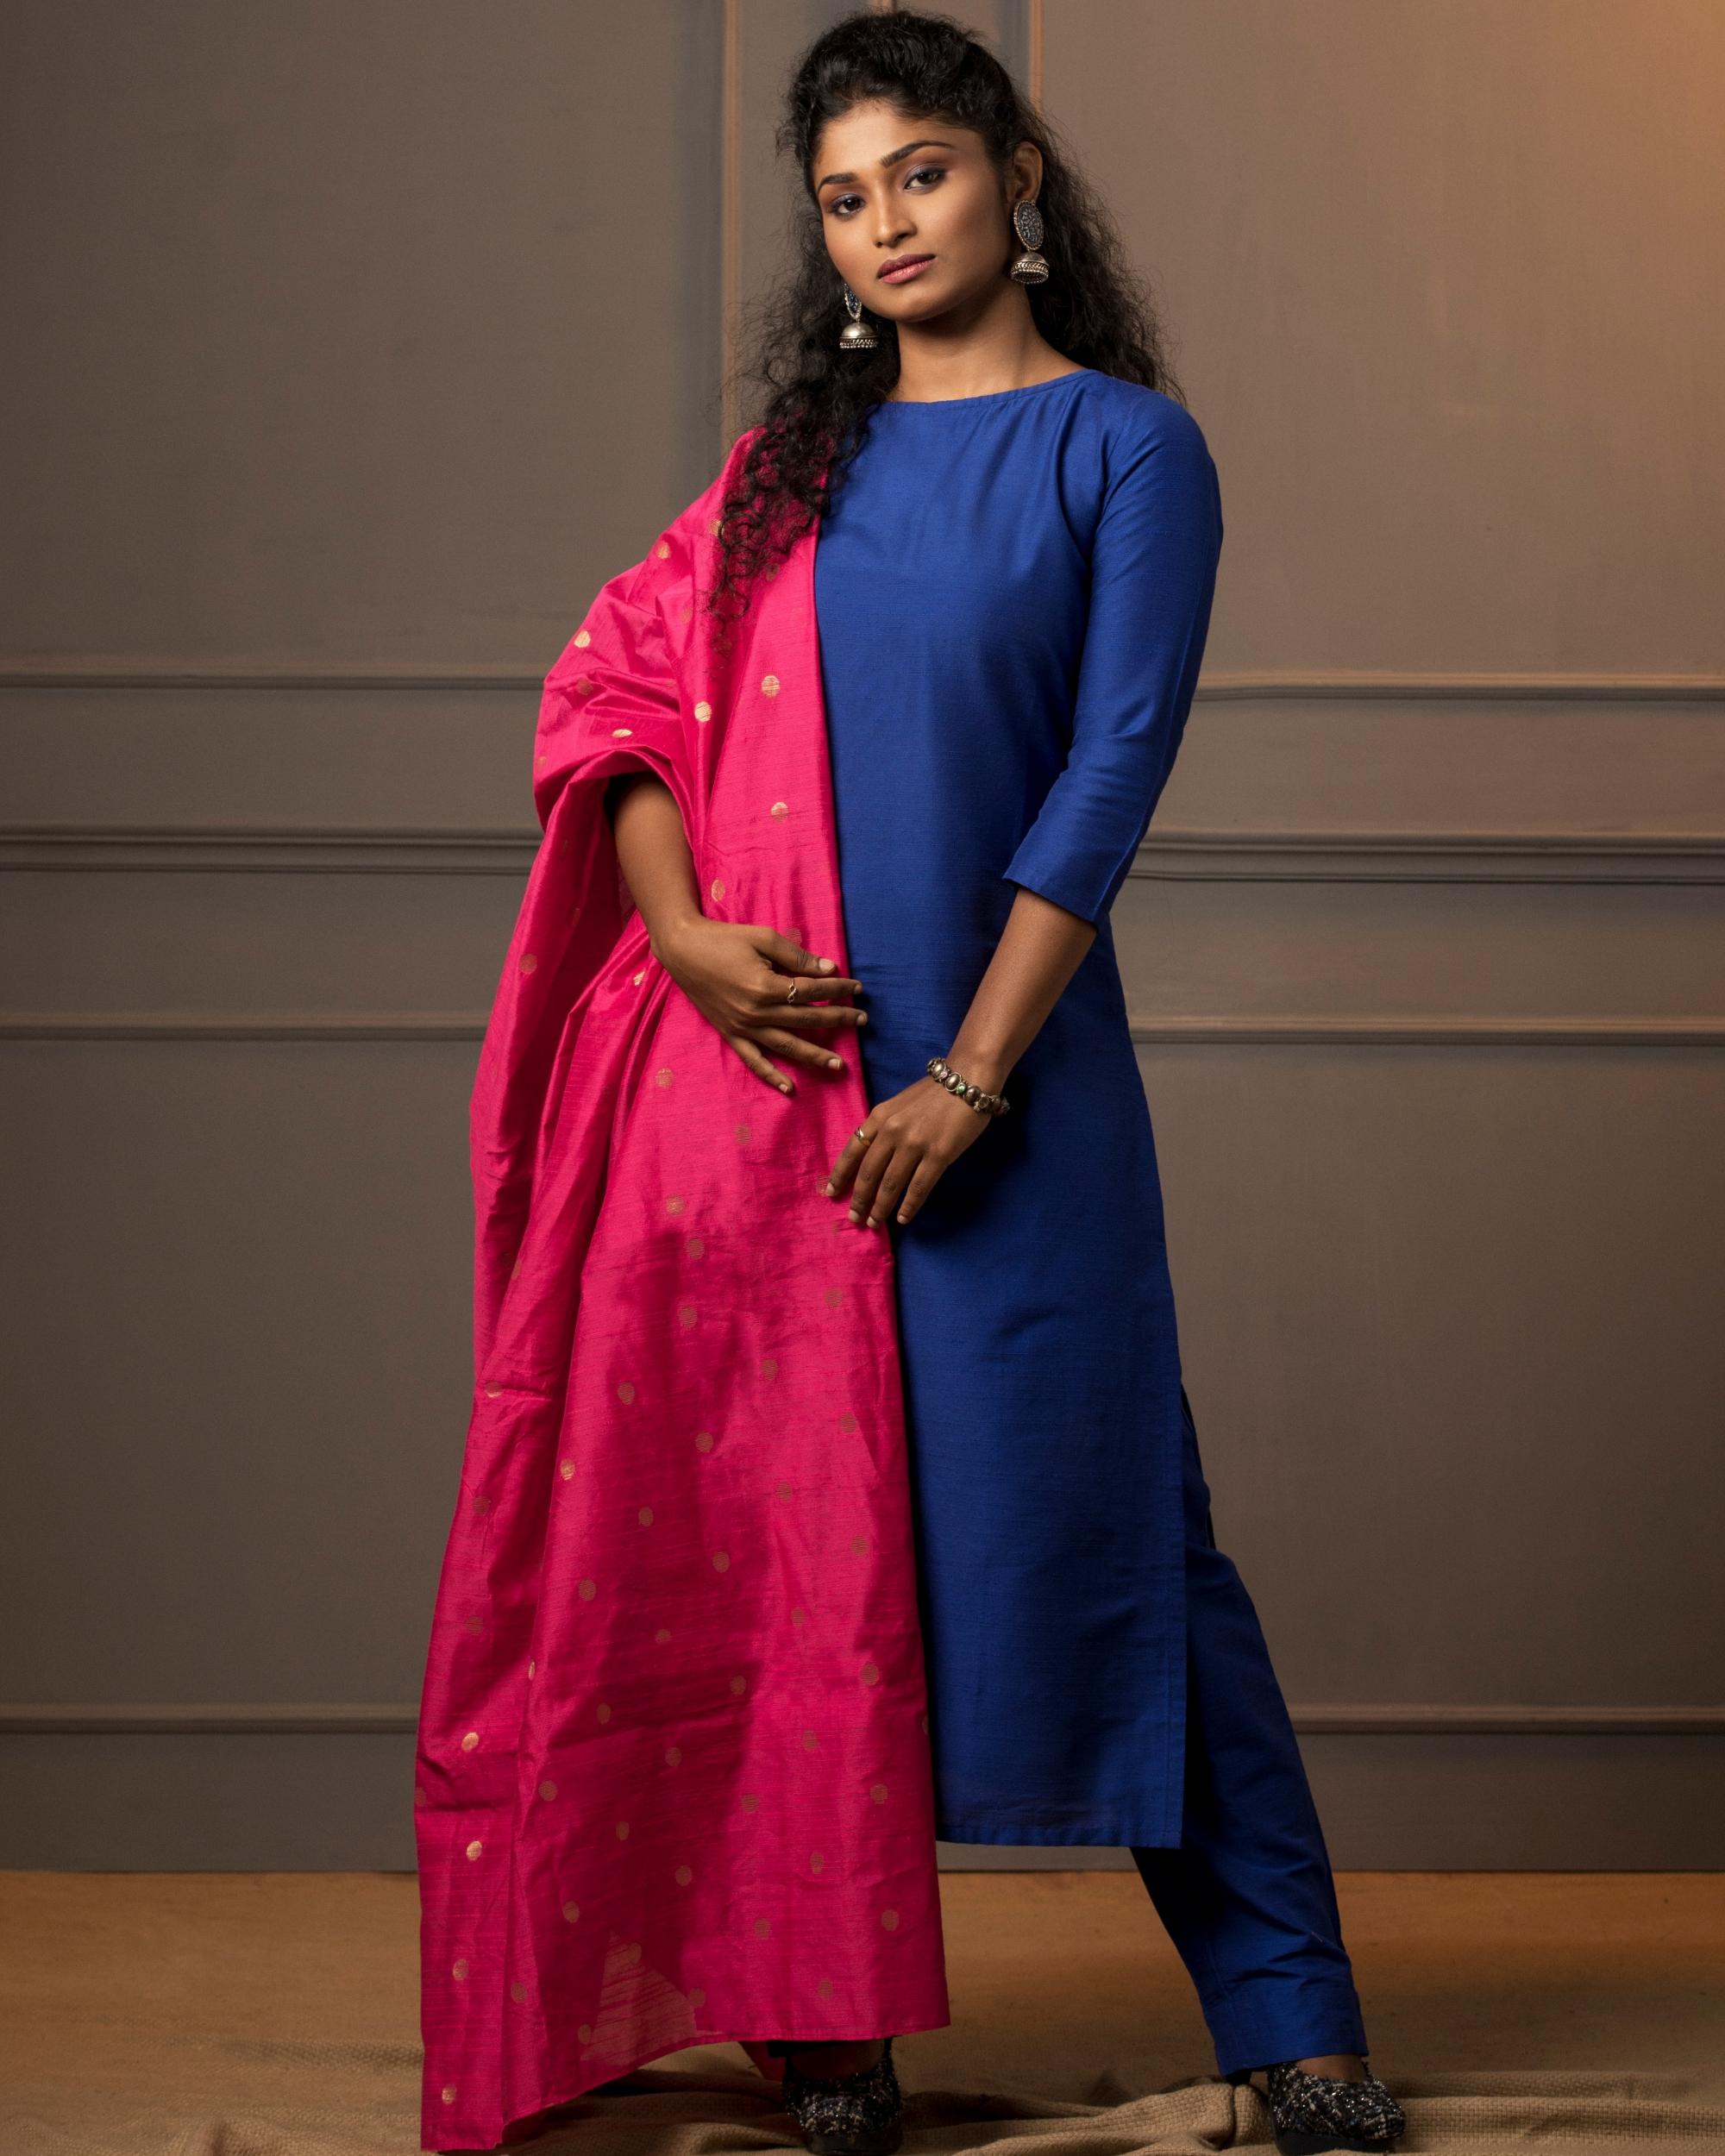 Royal blue kurta and pant with rani pink dupatta - set of three